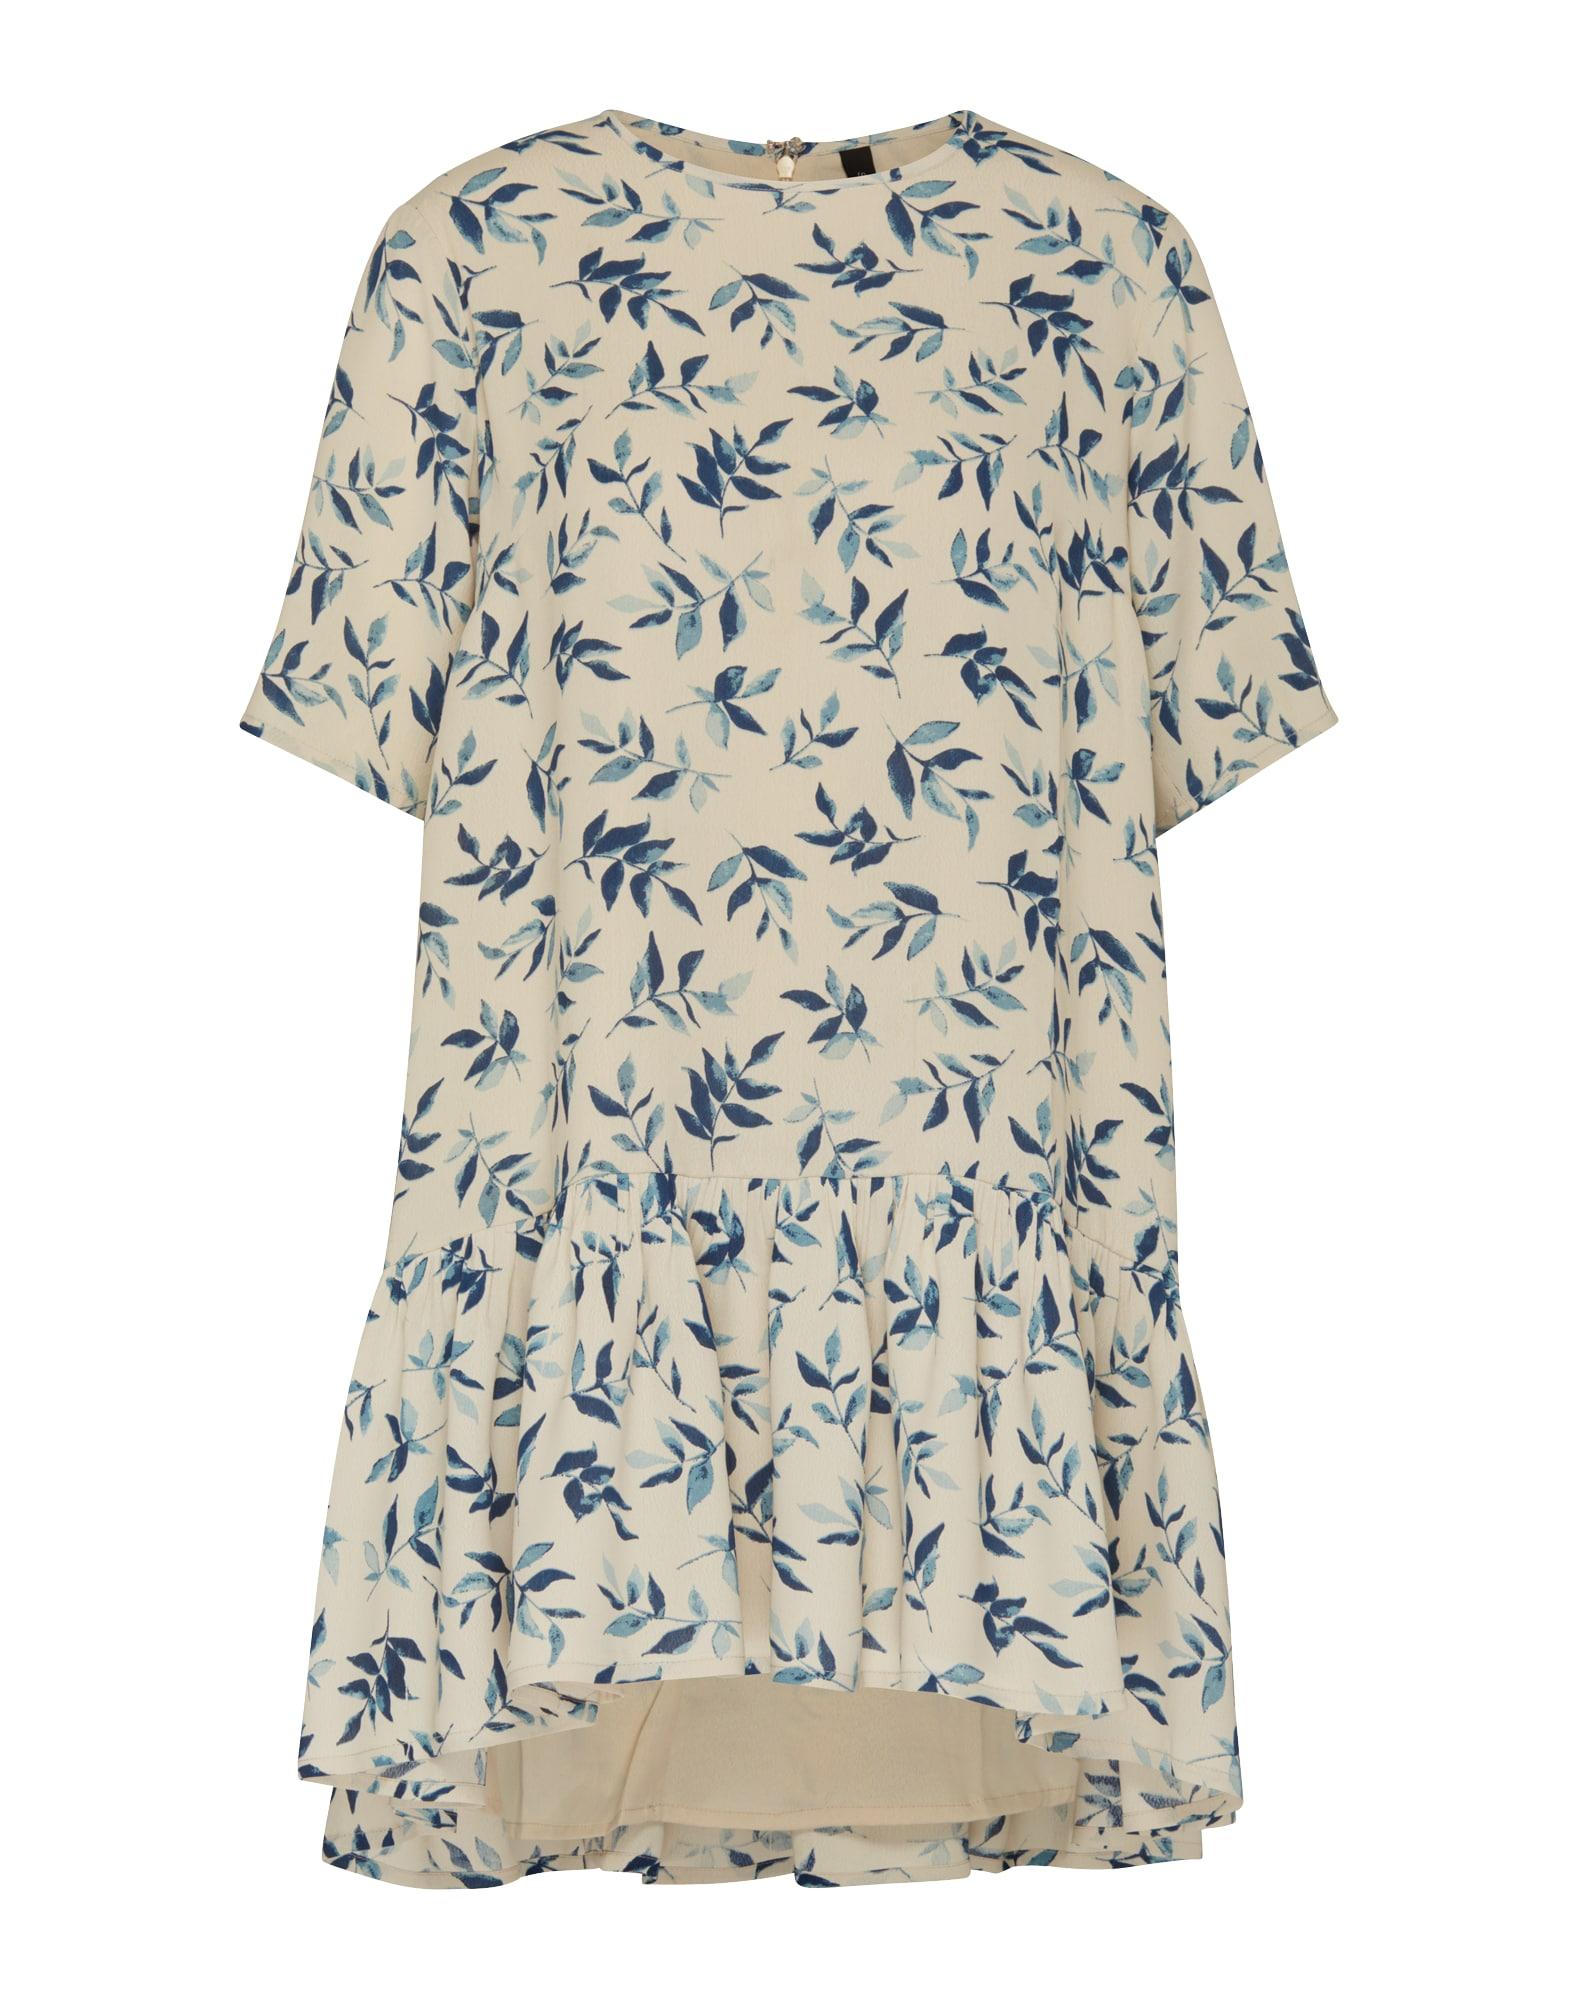 Letní šaty Yasleaf béžová marine modrá Y.A.S